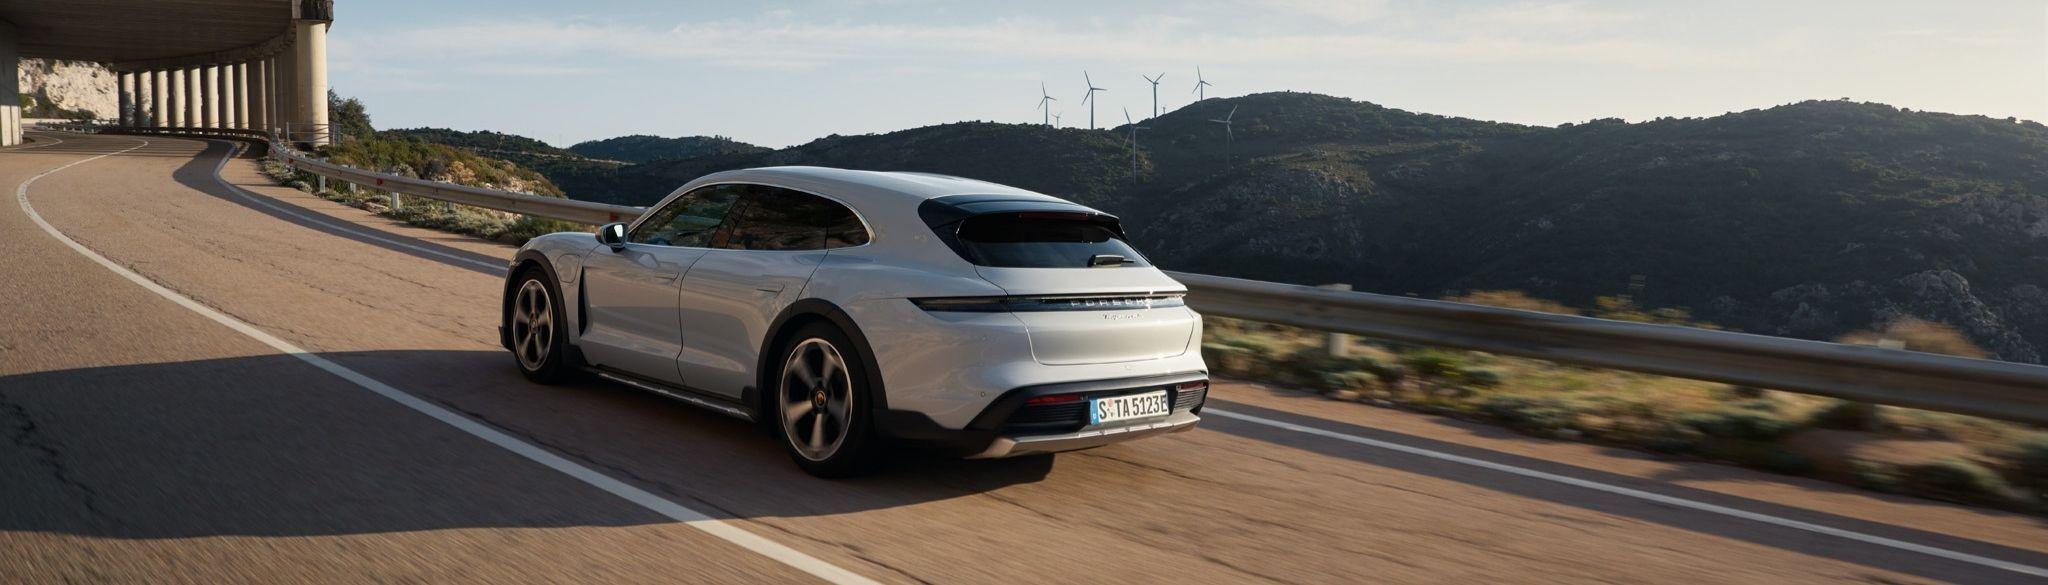 Porsche Taycan Range